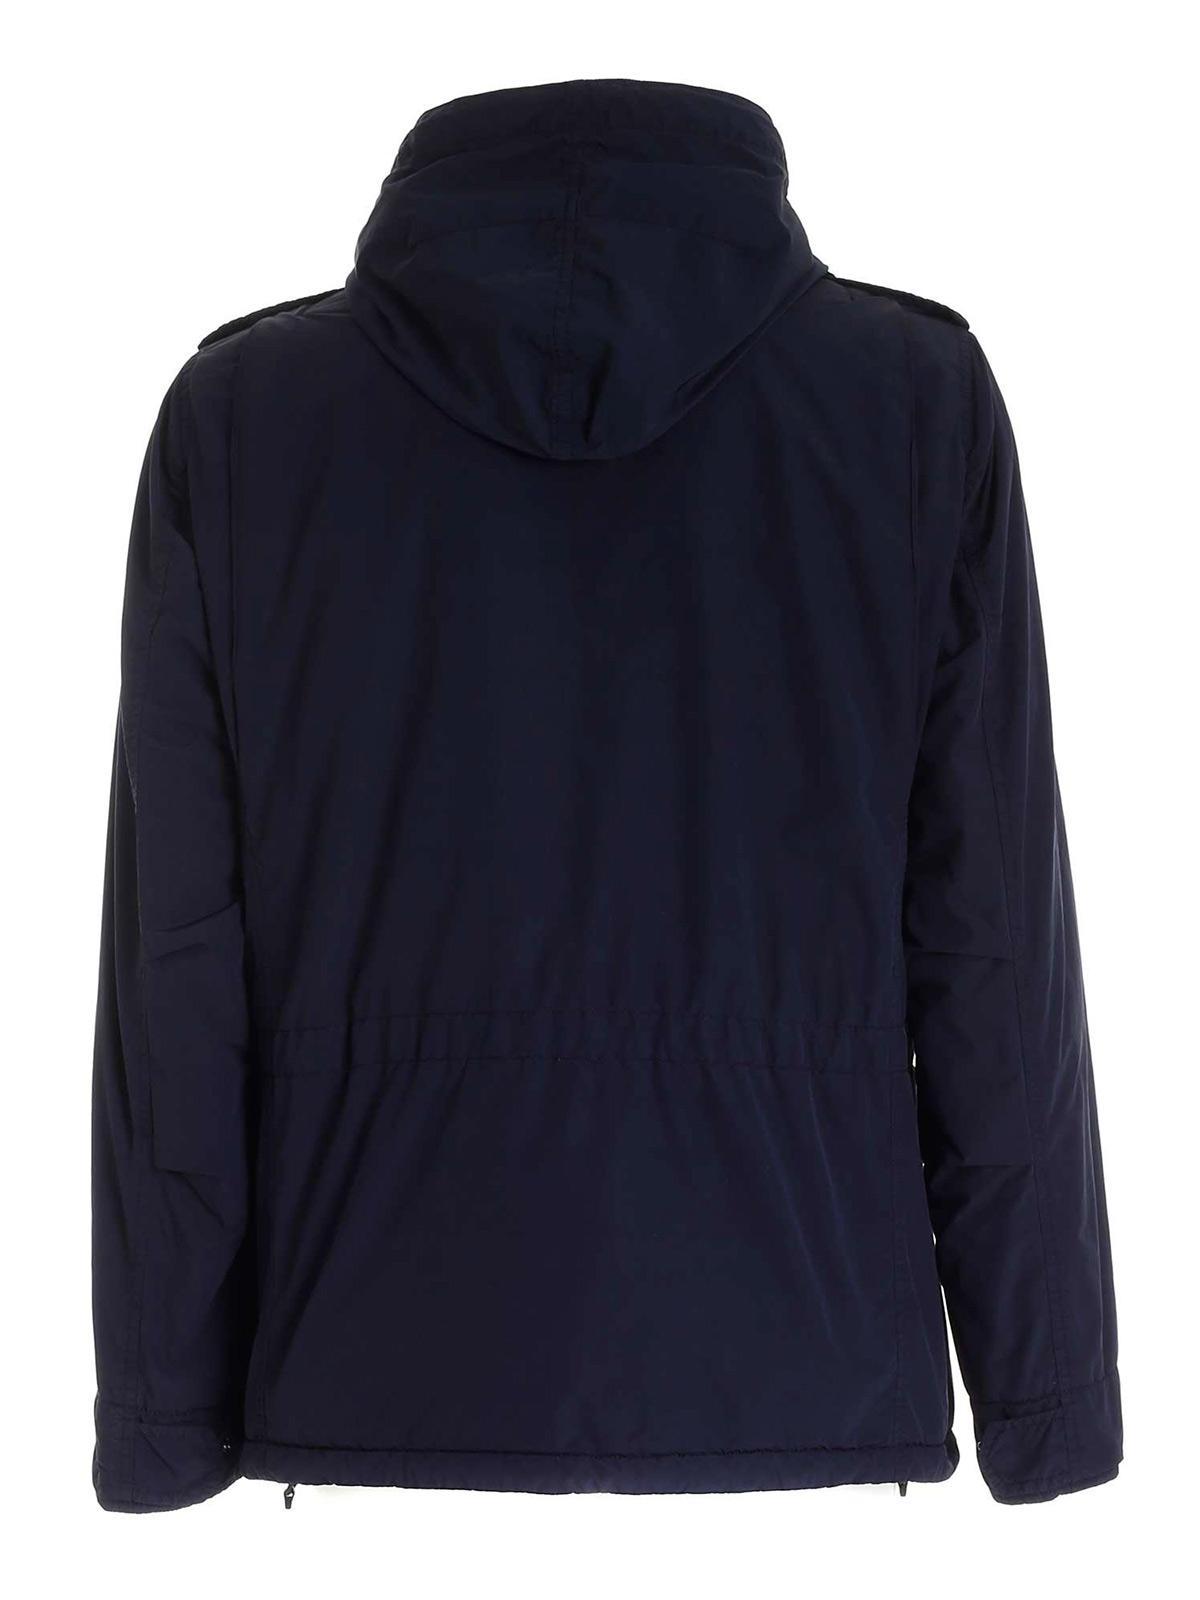 Picture of ASPESI |  New Mini Fiel down jacket